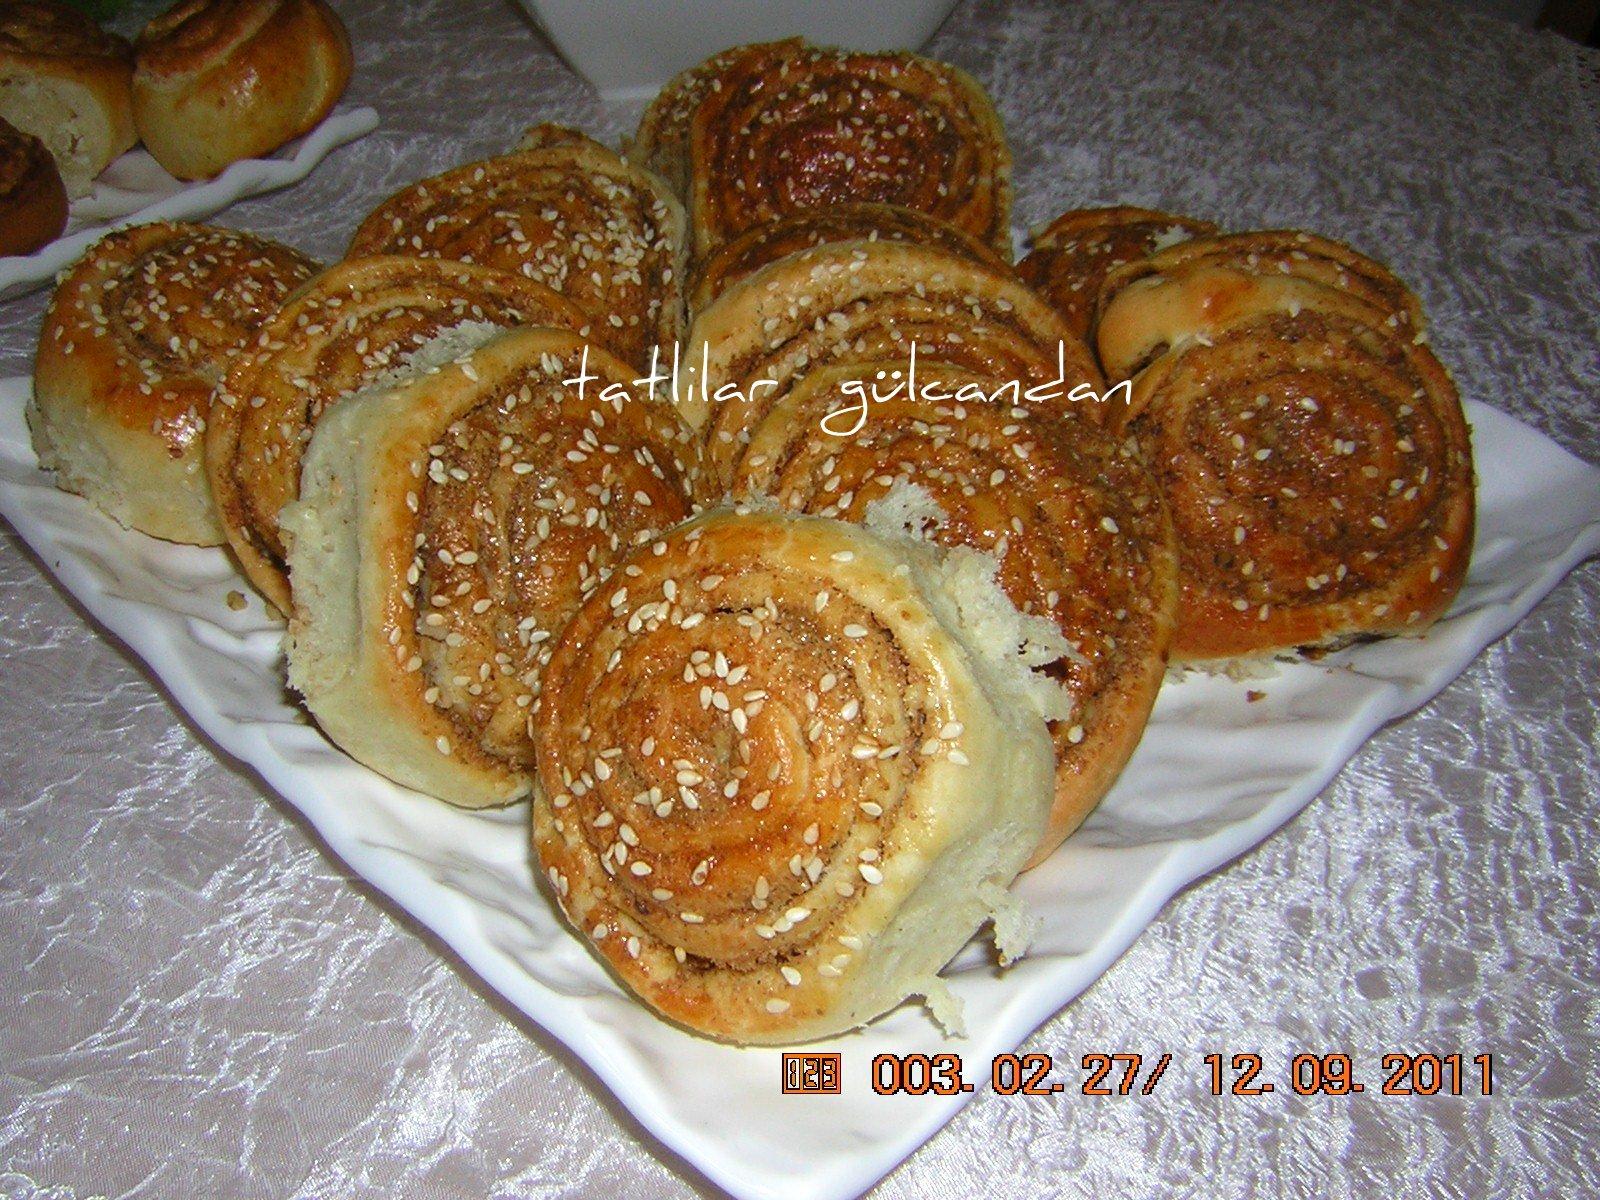 Haşhaşlı çörek ile Etiketlenen Konular 45